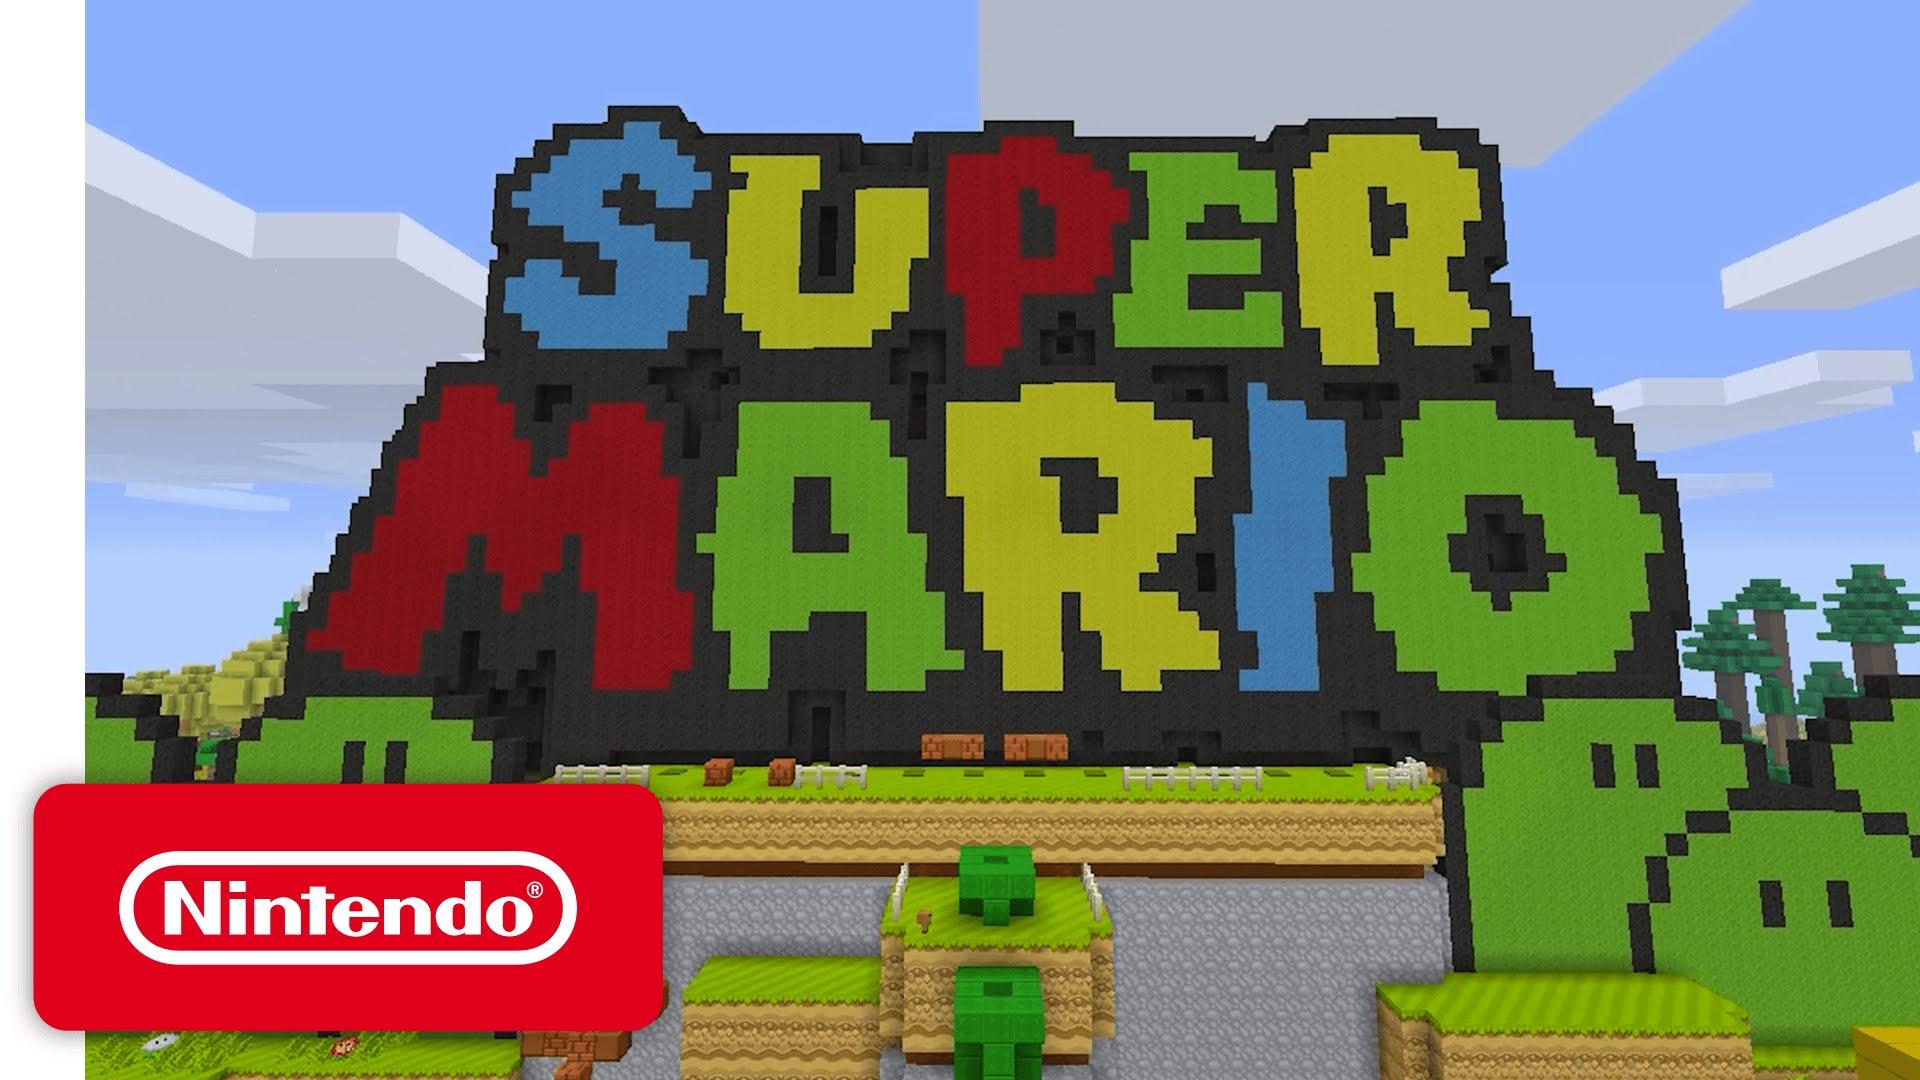 Super Mario Mashup Invades Minecraft Wii U Edition - Skins para minecraft wii u